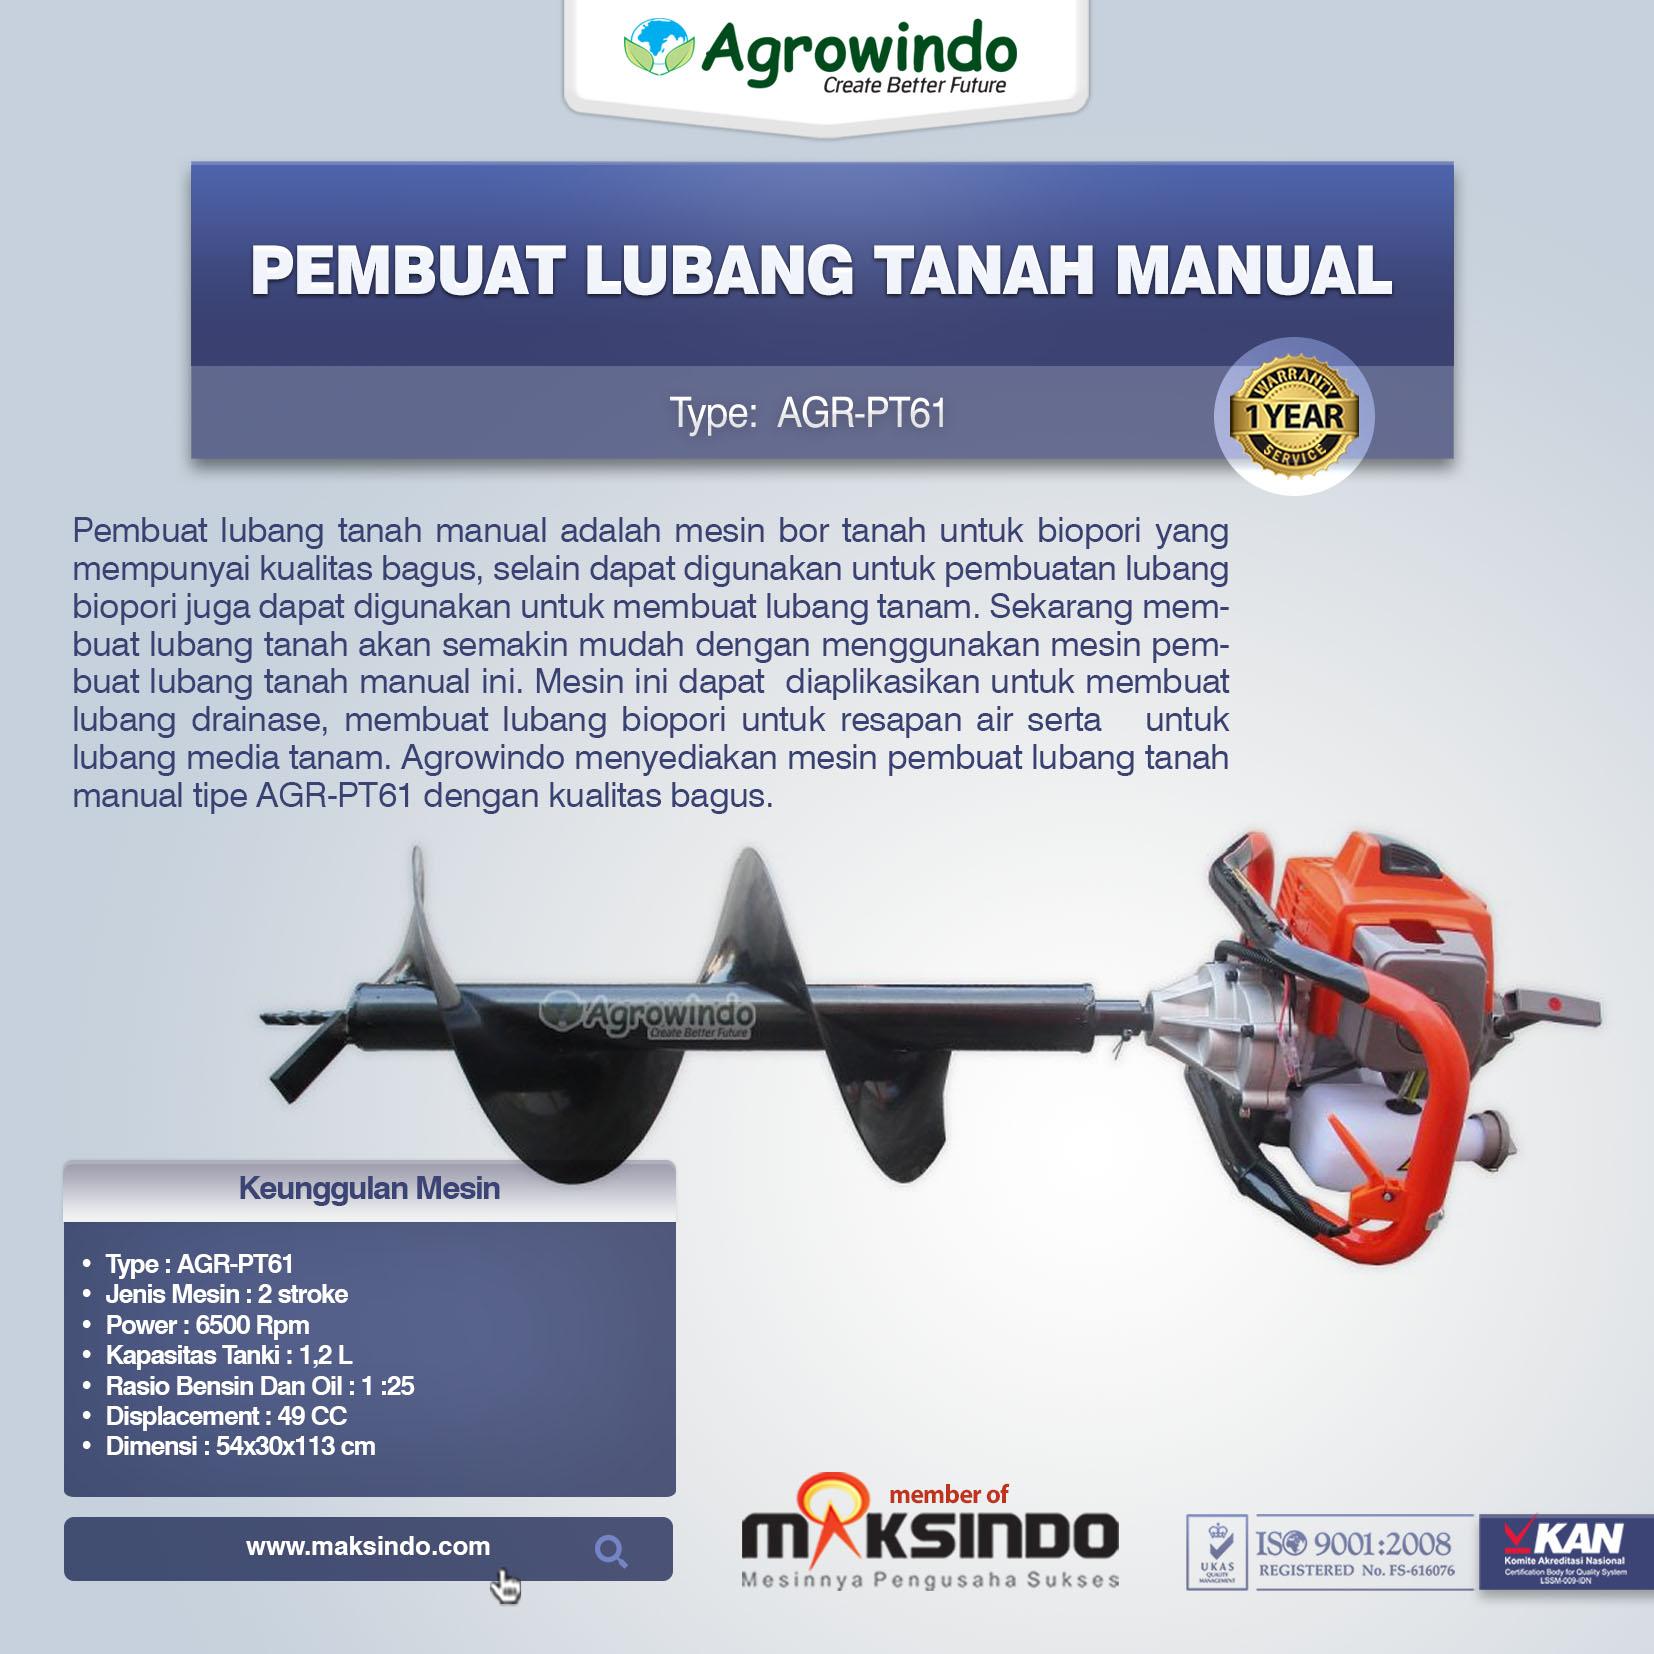 Jual Pembuat Lubang Tanah Manual Agr Pt61 Di Bandung Toko Mesin Bor Biopori Spiral